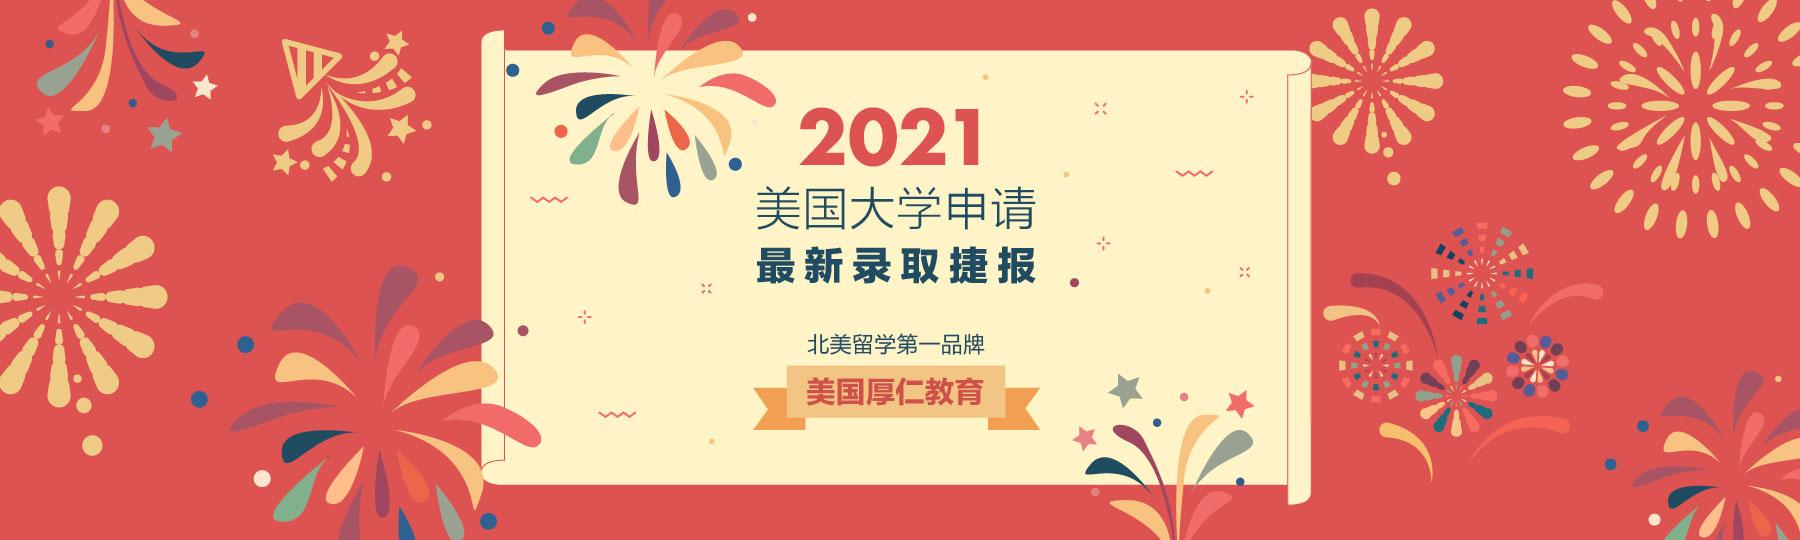 offer-banner-2021